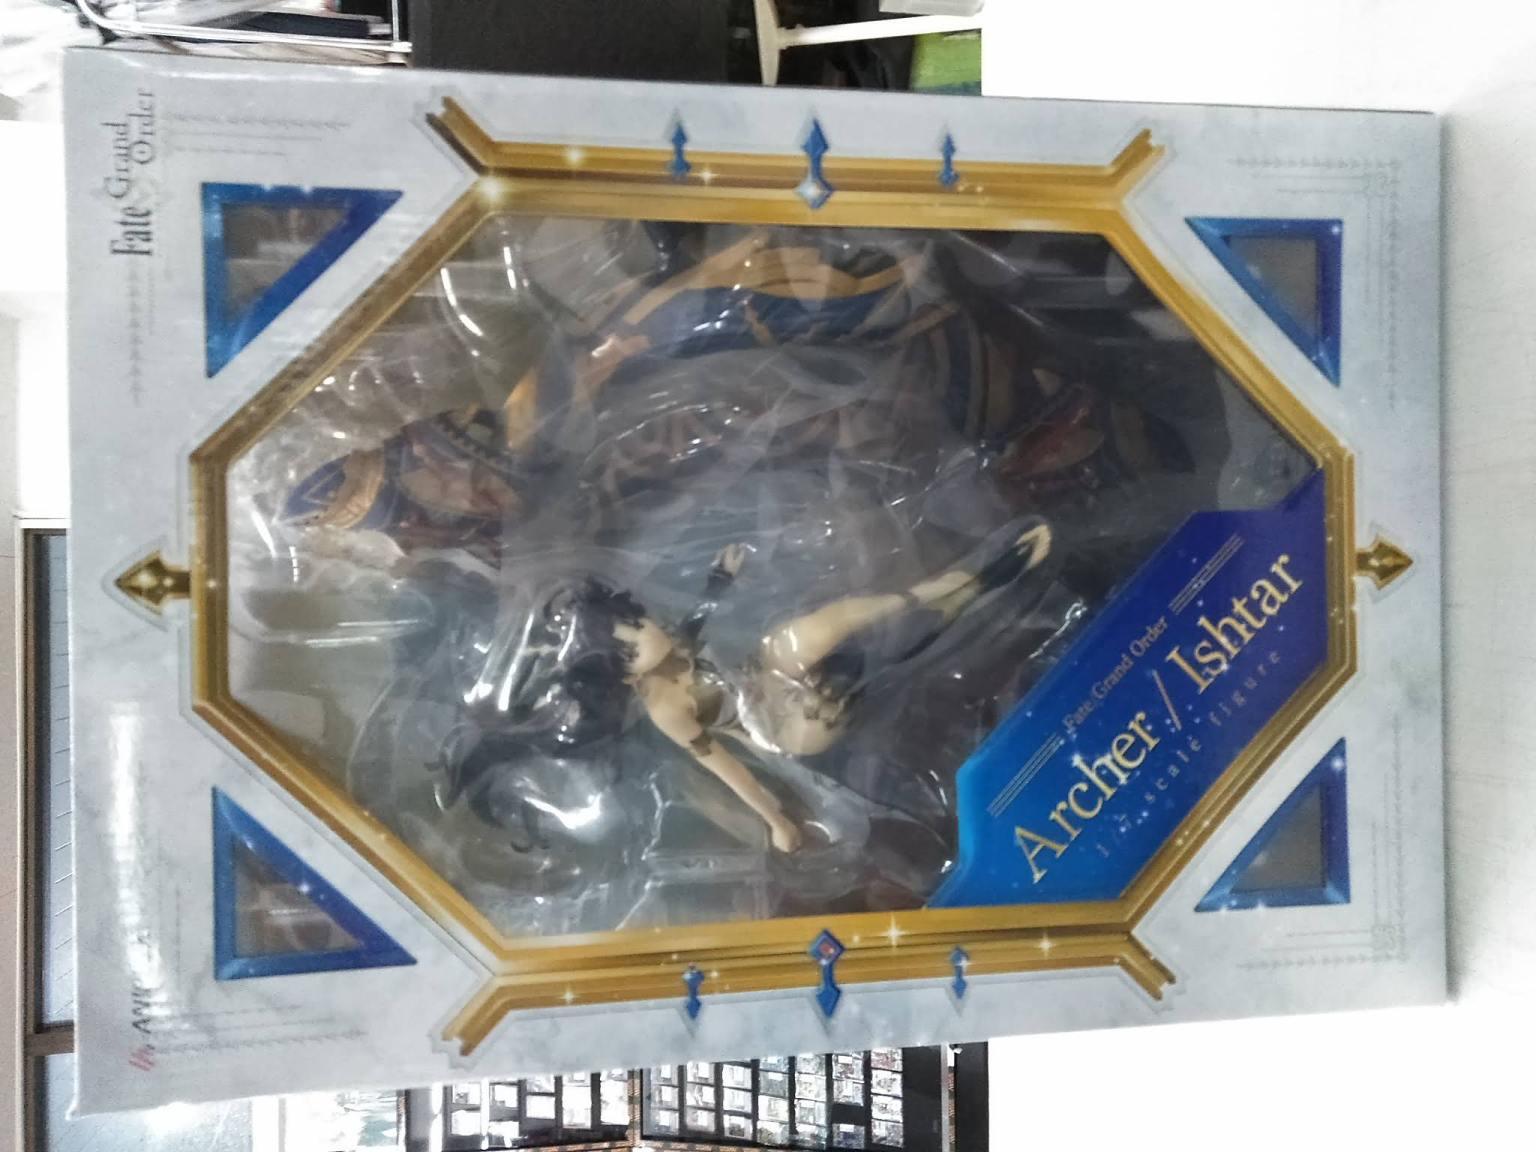 買取情報『アニプレックスのアーチャー/イシュタル 「Fate/Grand Order」 1/7 PVC製塗装済み完成品 ANIPLEX+限定』